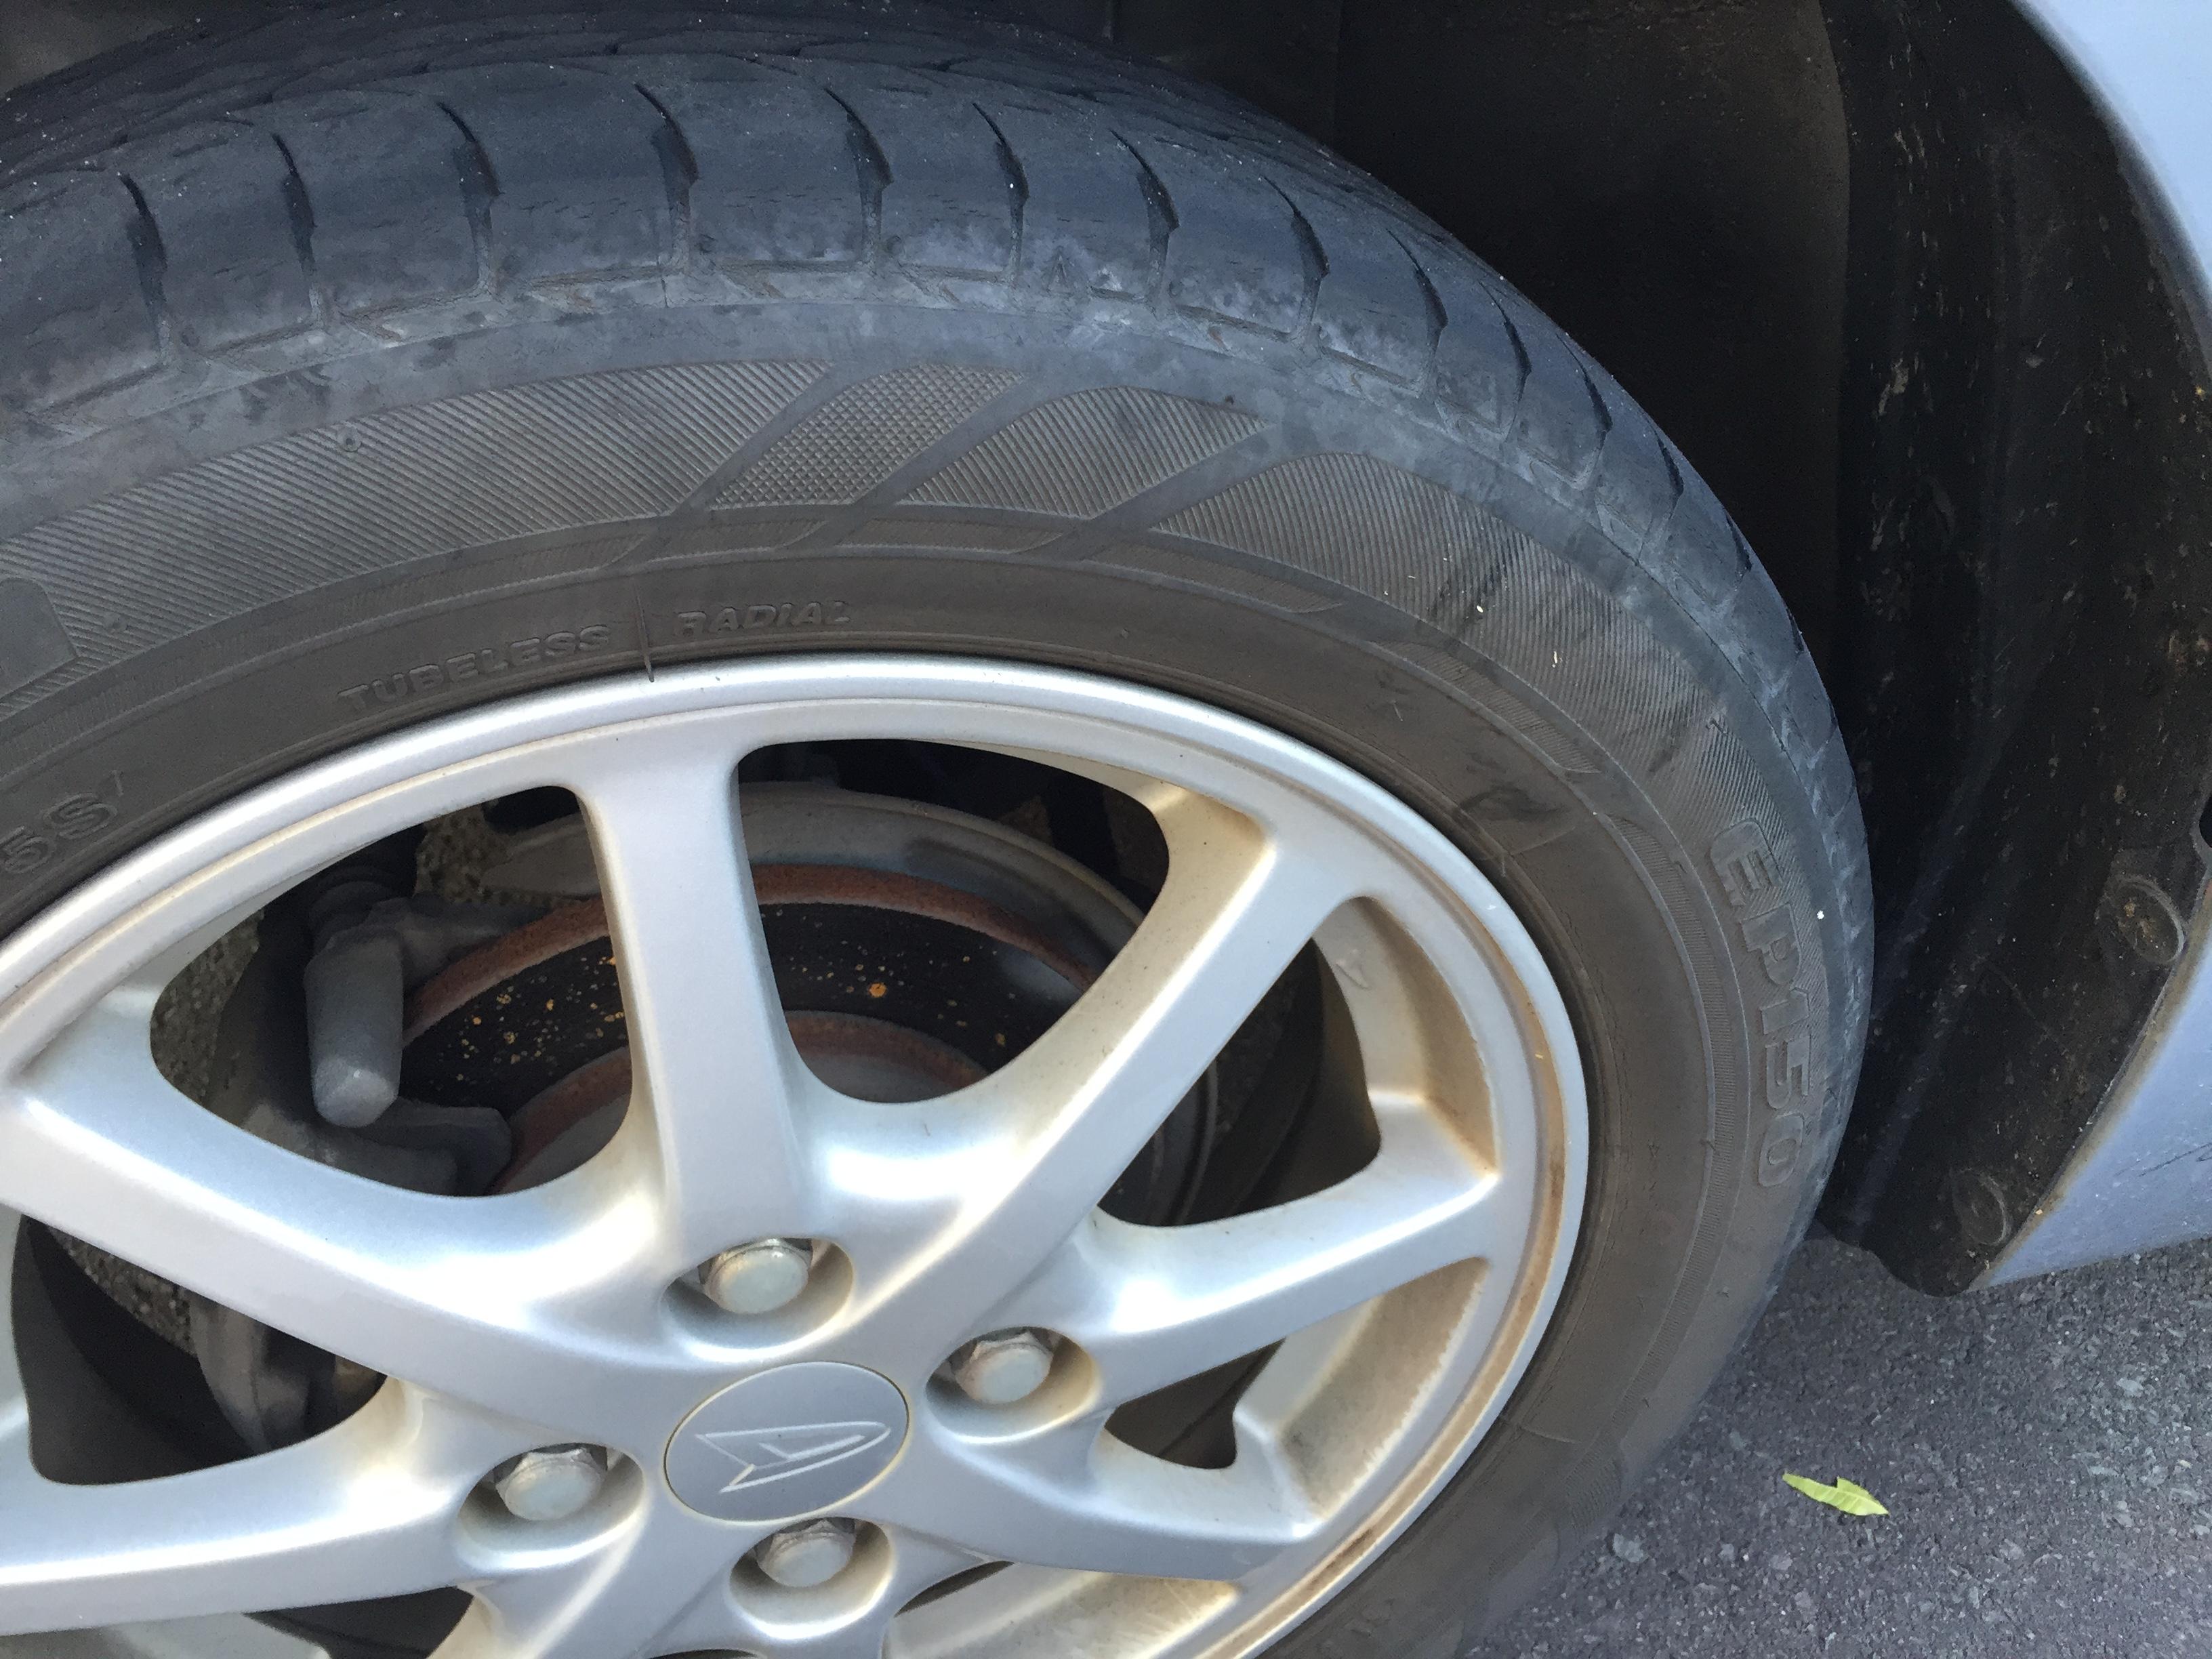 車のタイヤ交換はどこに頼む?ディーラーとカー用品店の見積もりを比較しました